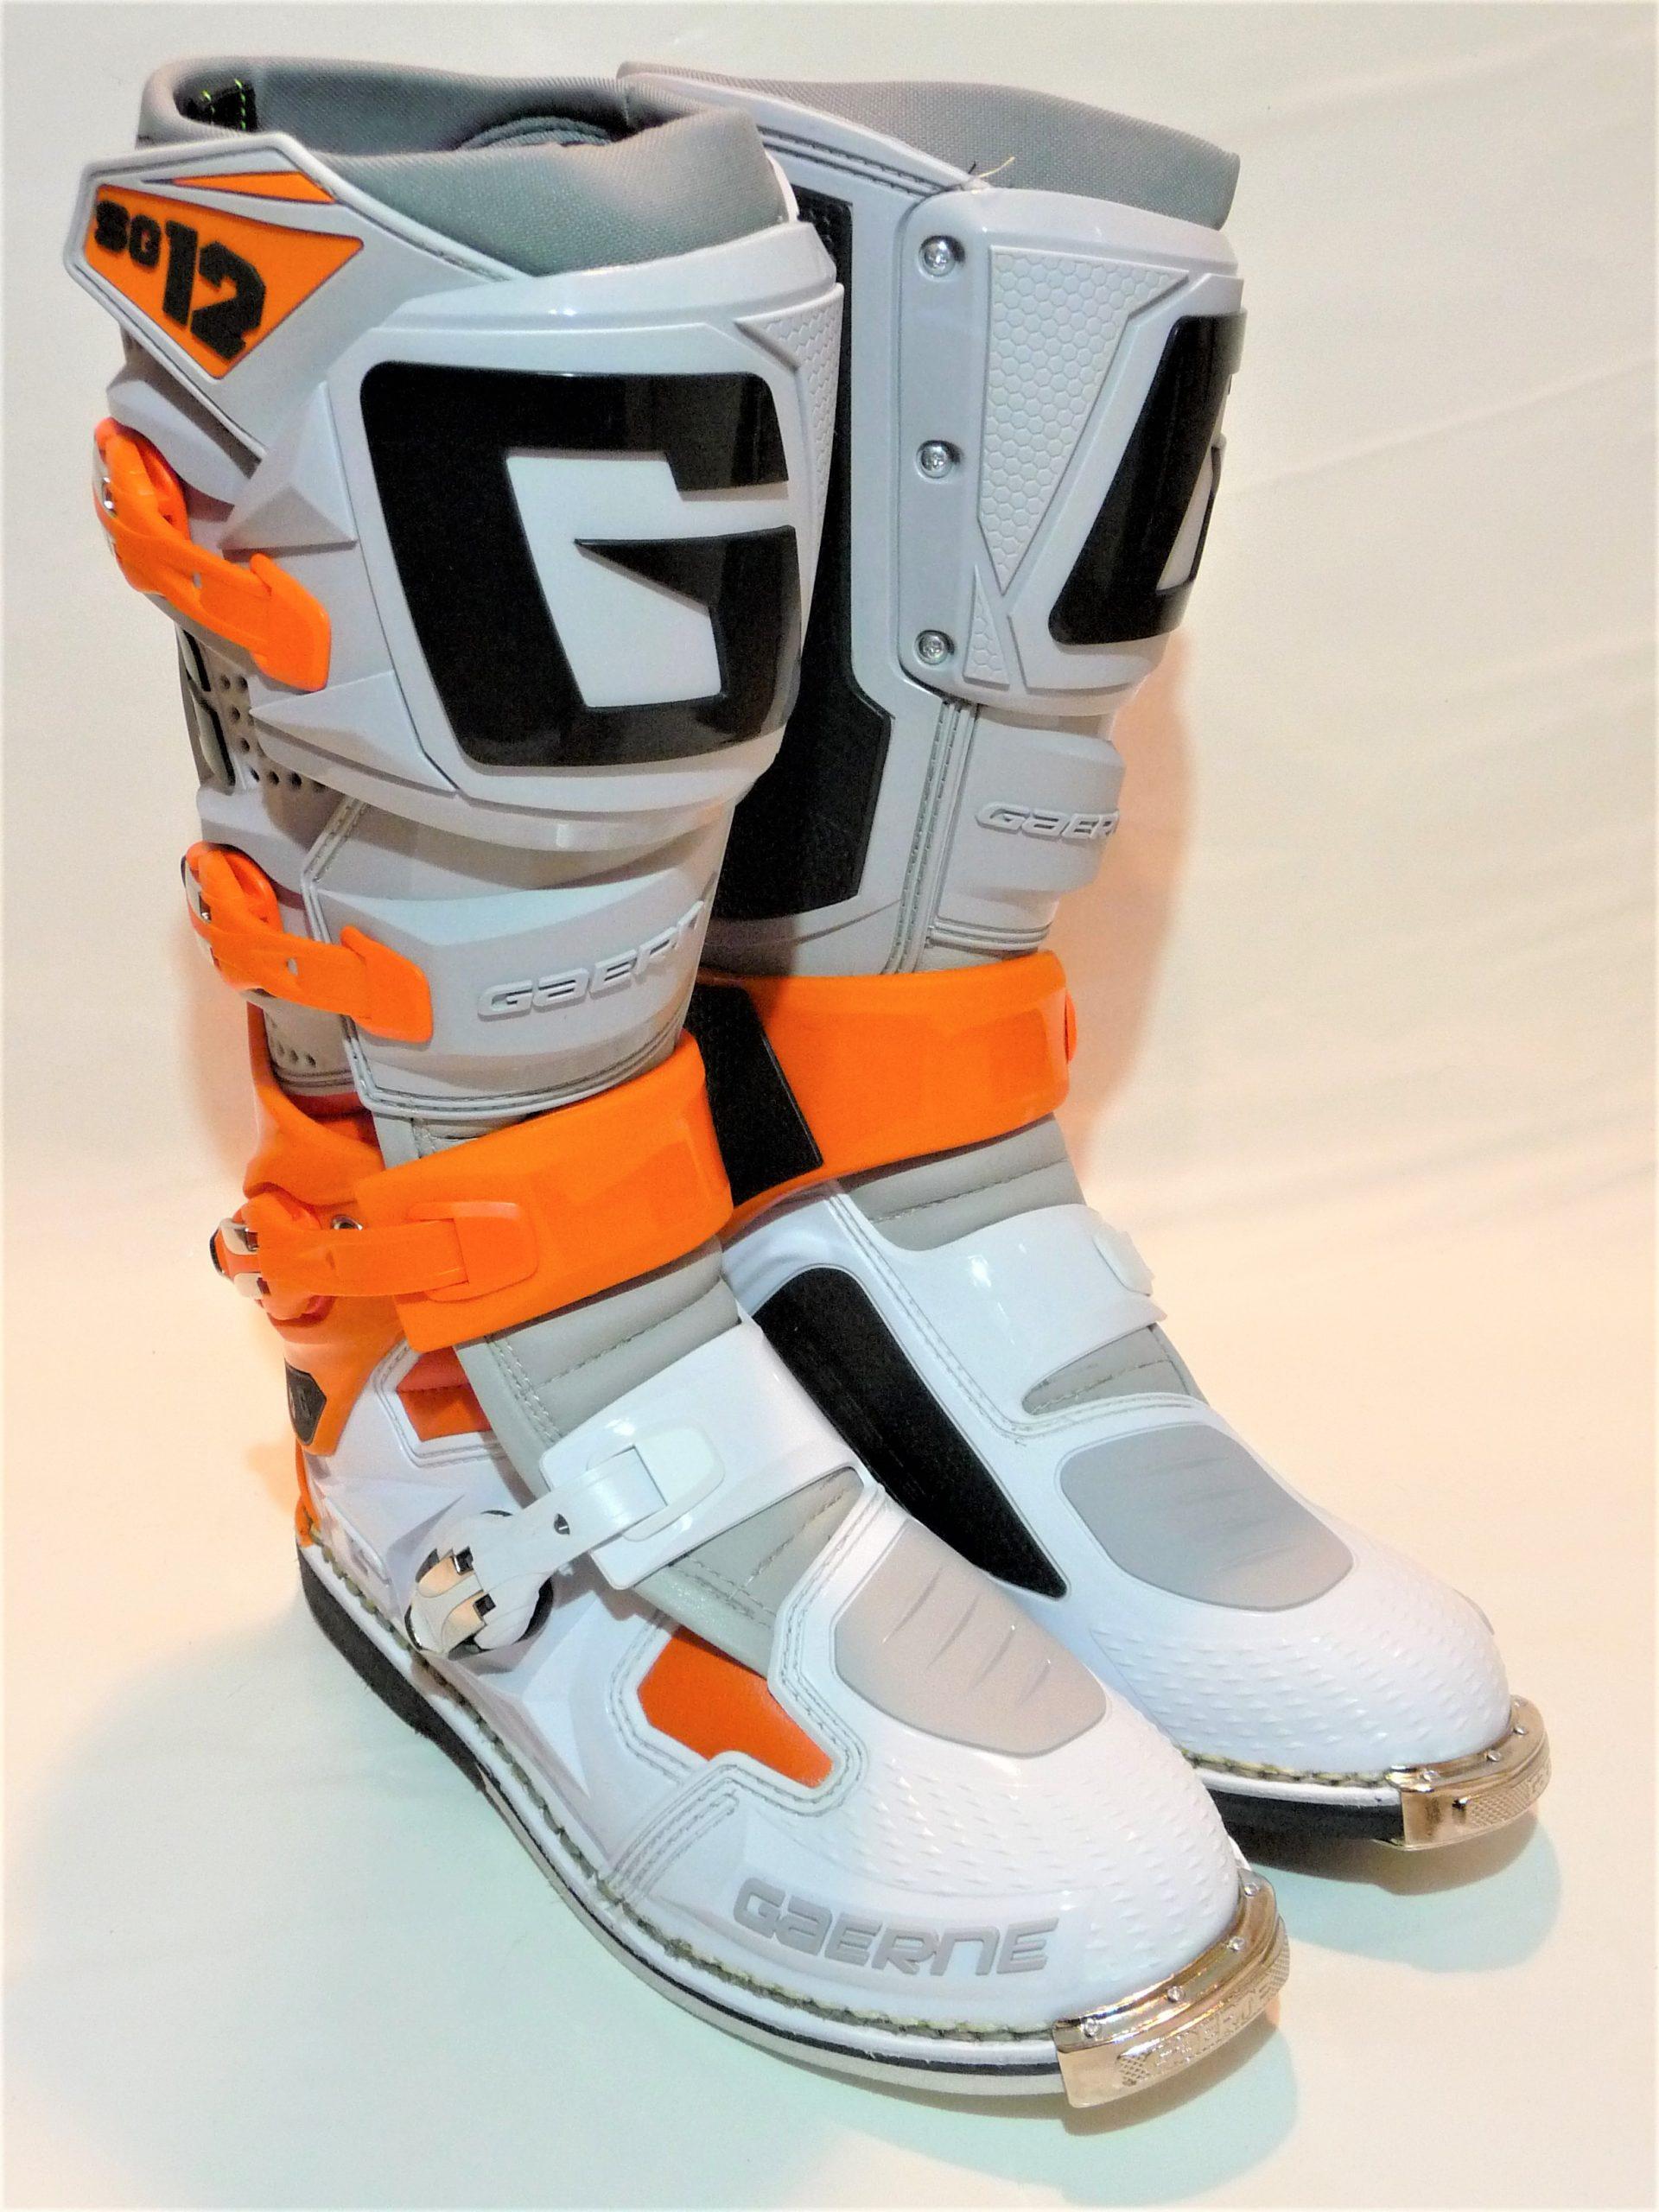 Gaerne SG 12 Stiefel 21 orange-grau-weiß